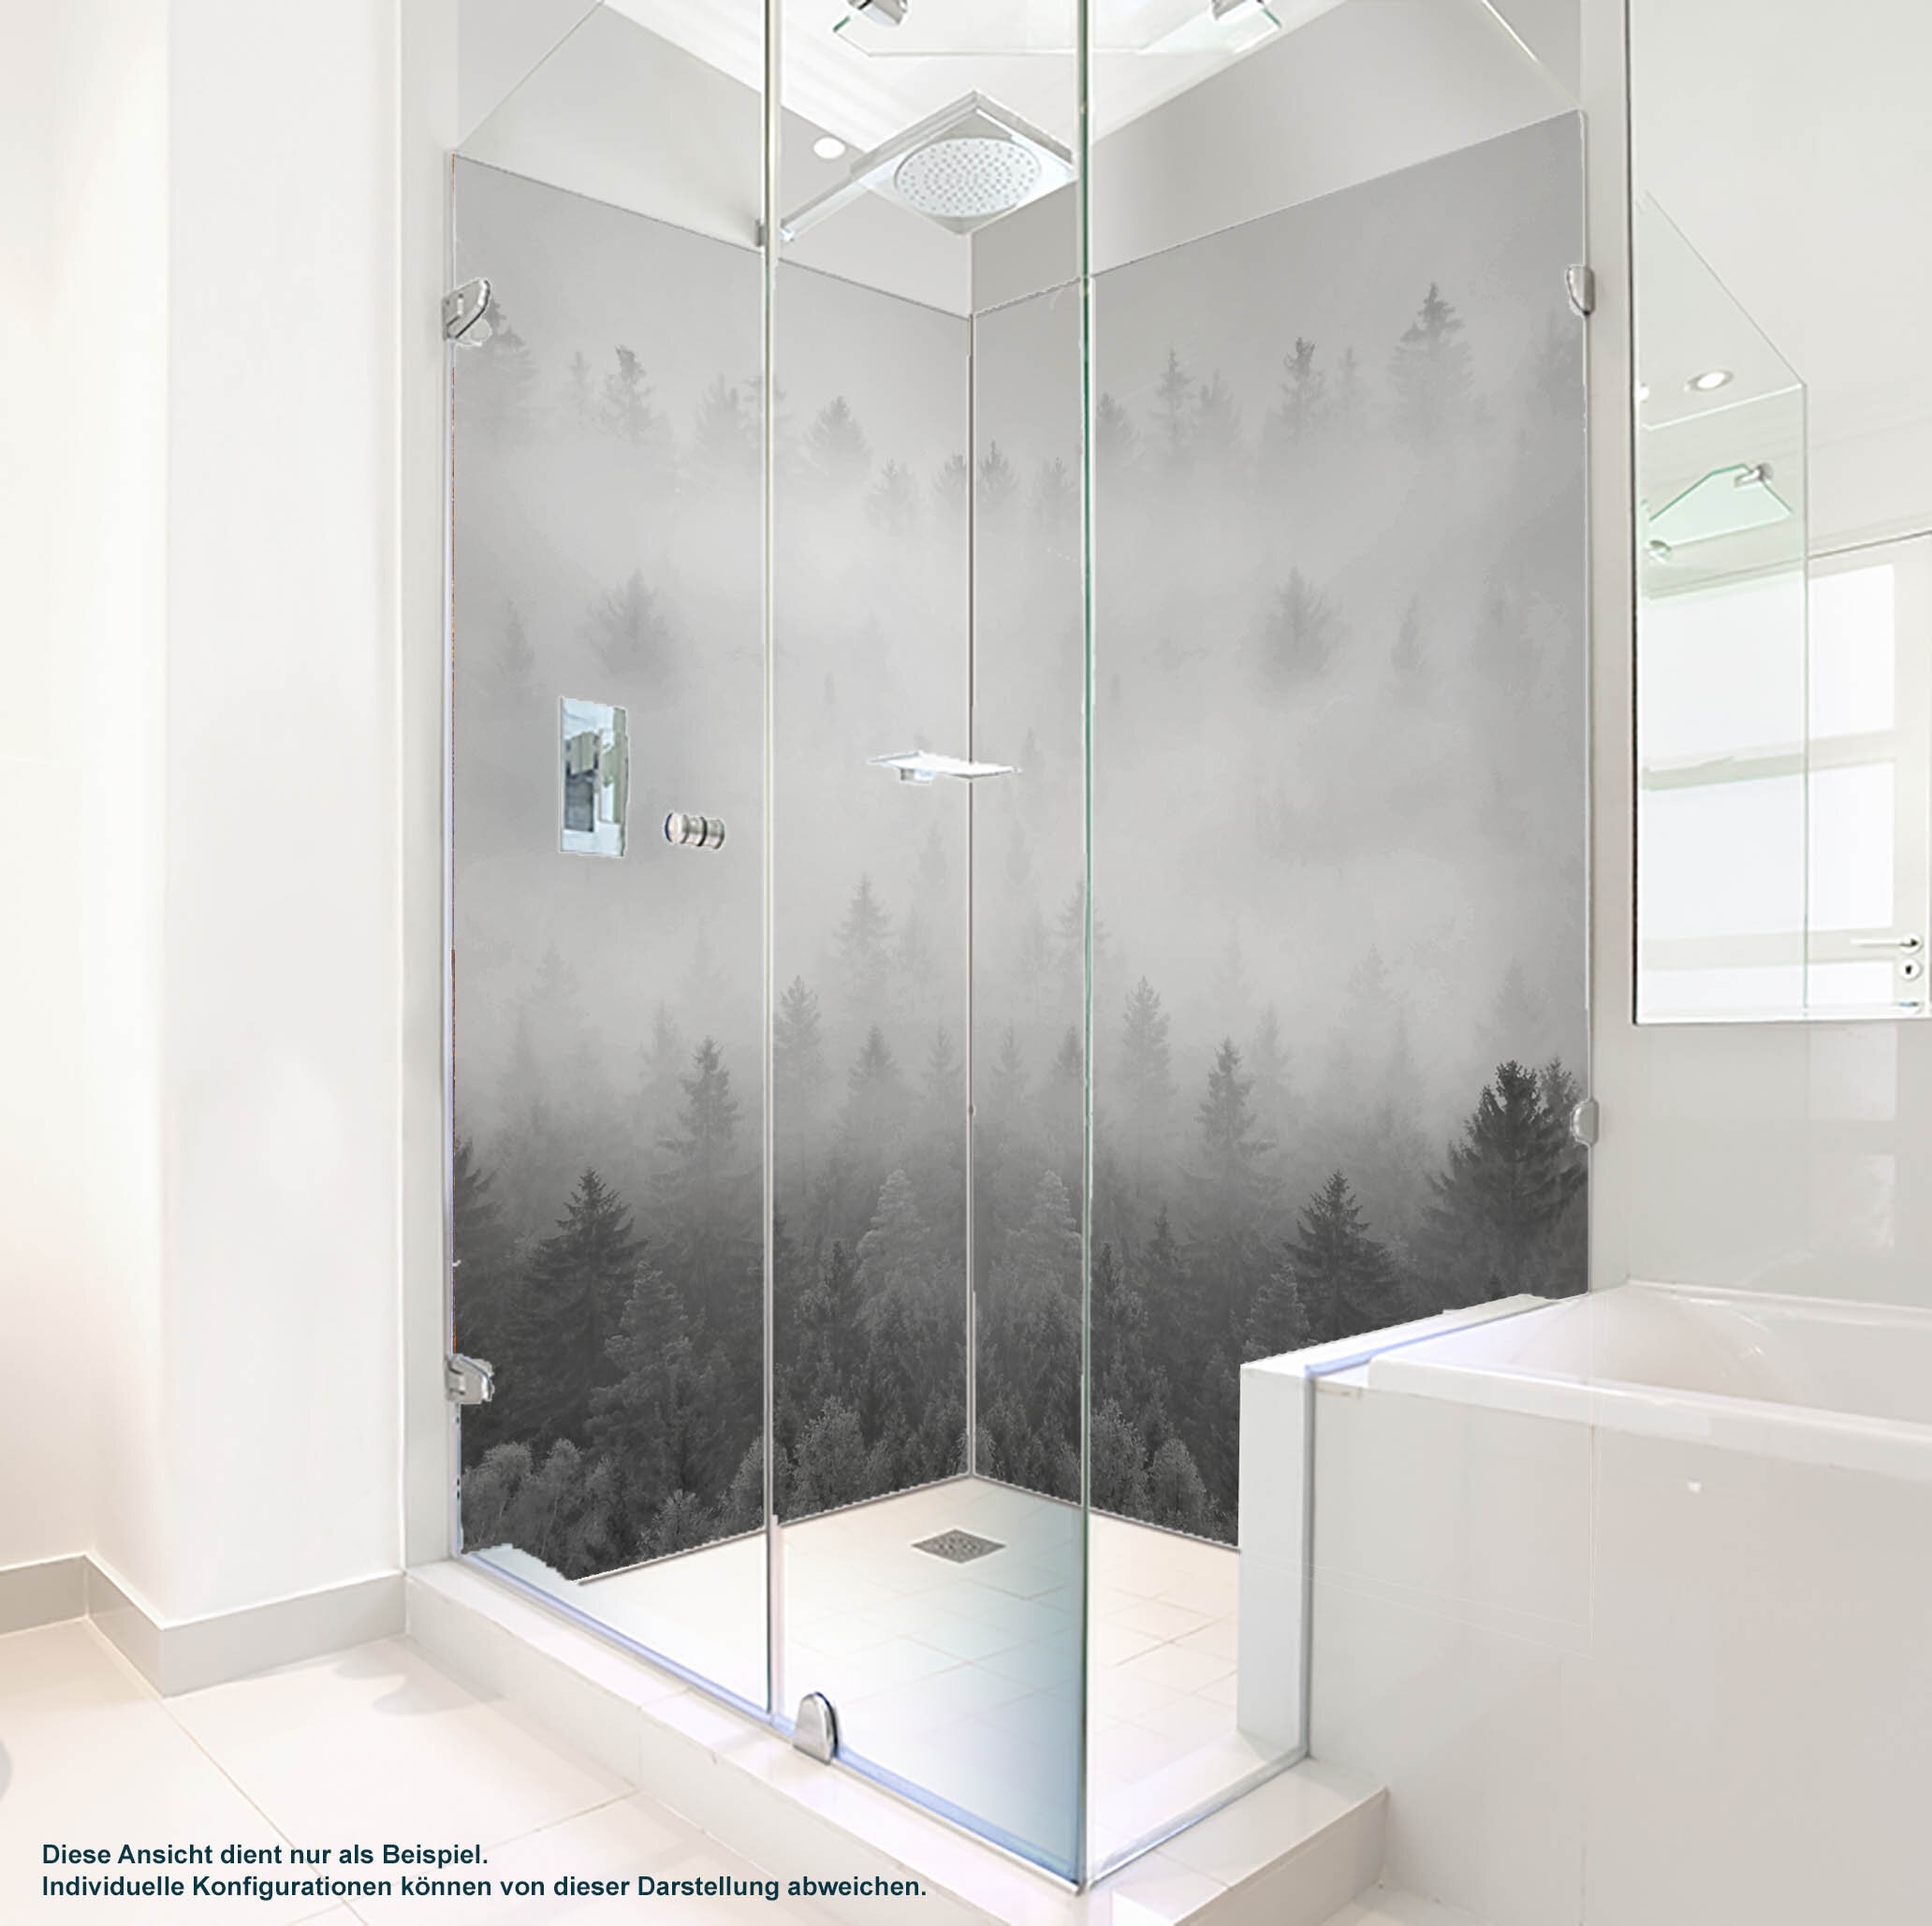 Dusche PlateART Duschrückwand mit Motiv Design Nebelwald Grau